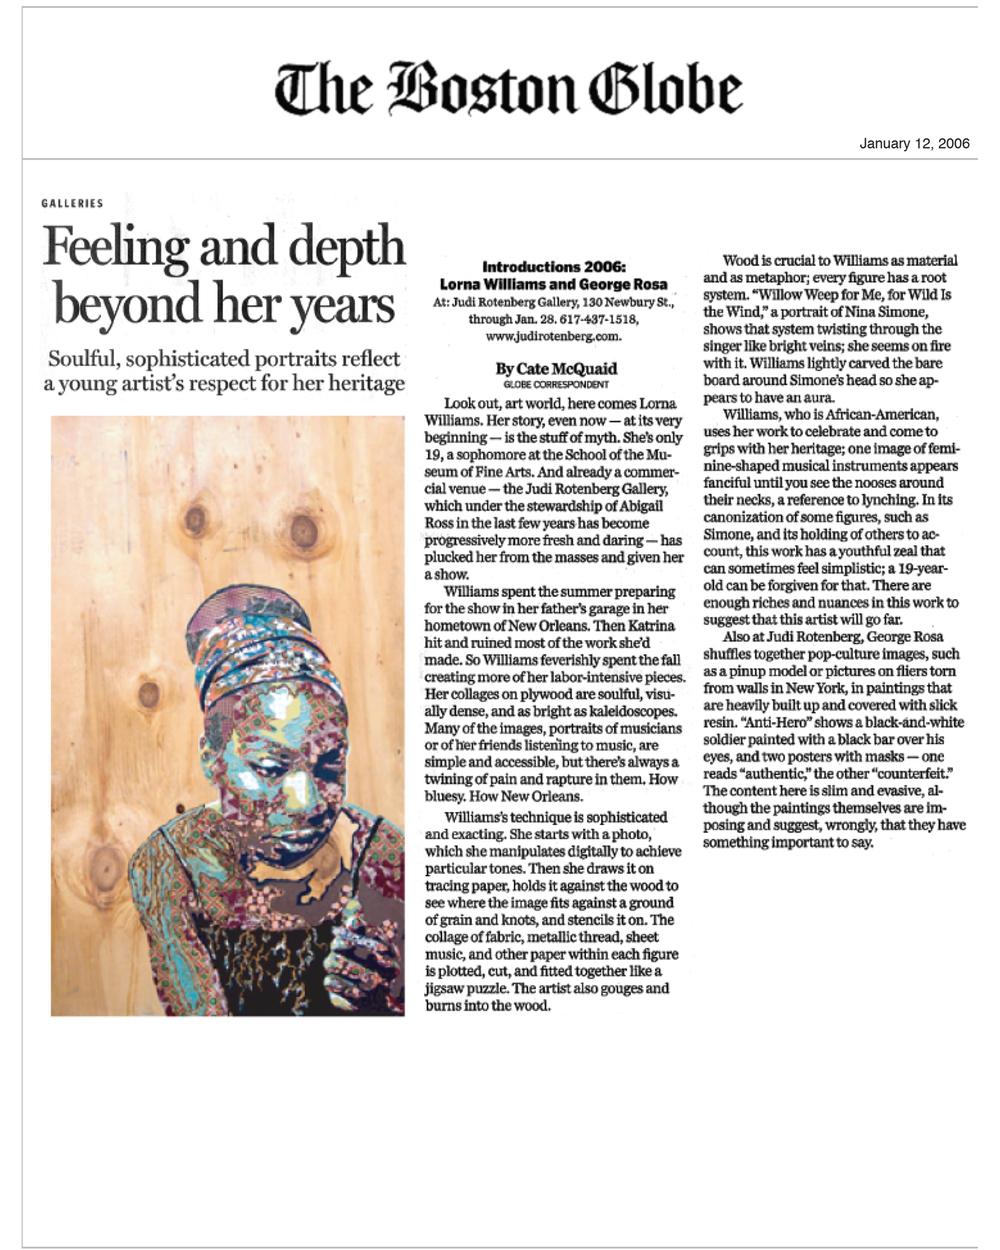 The Boston Globe_Jan 2006.jpg